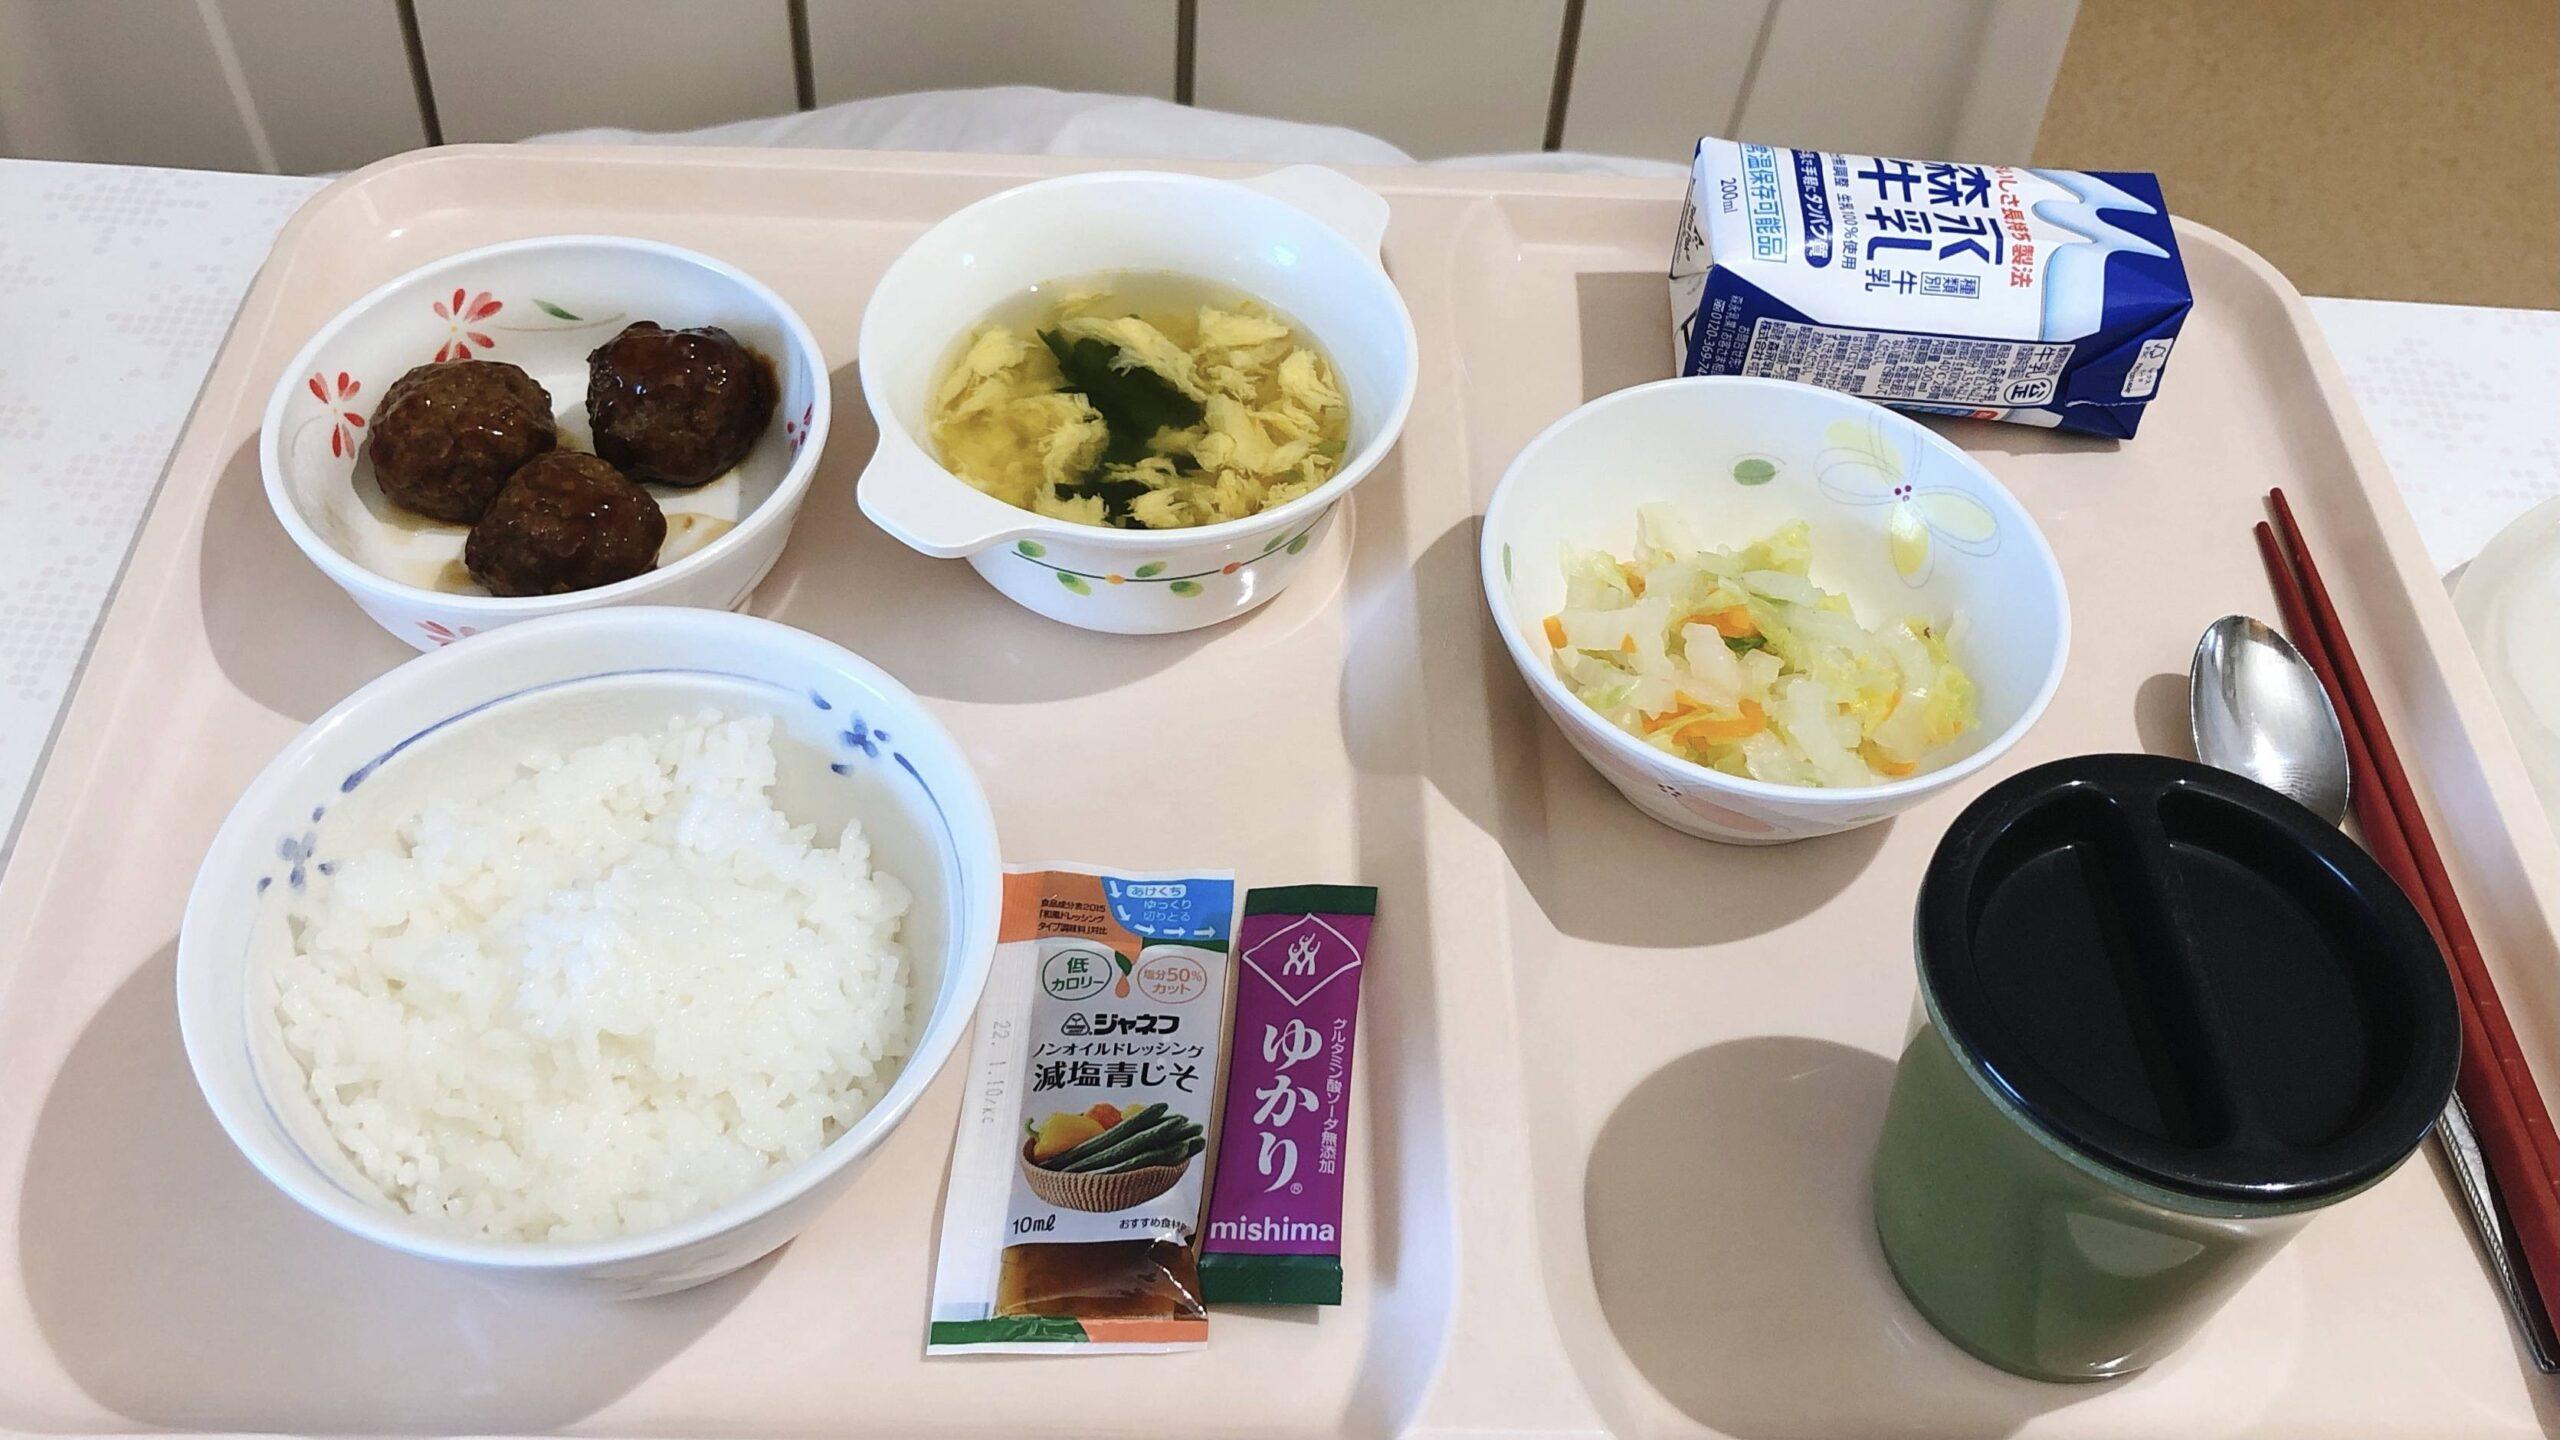 【画像】入院ワイ、ついに最後の食事…